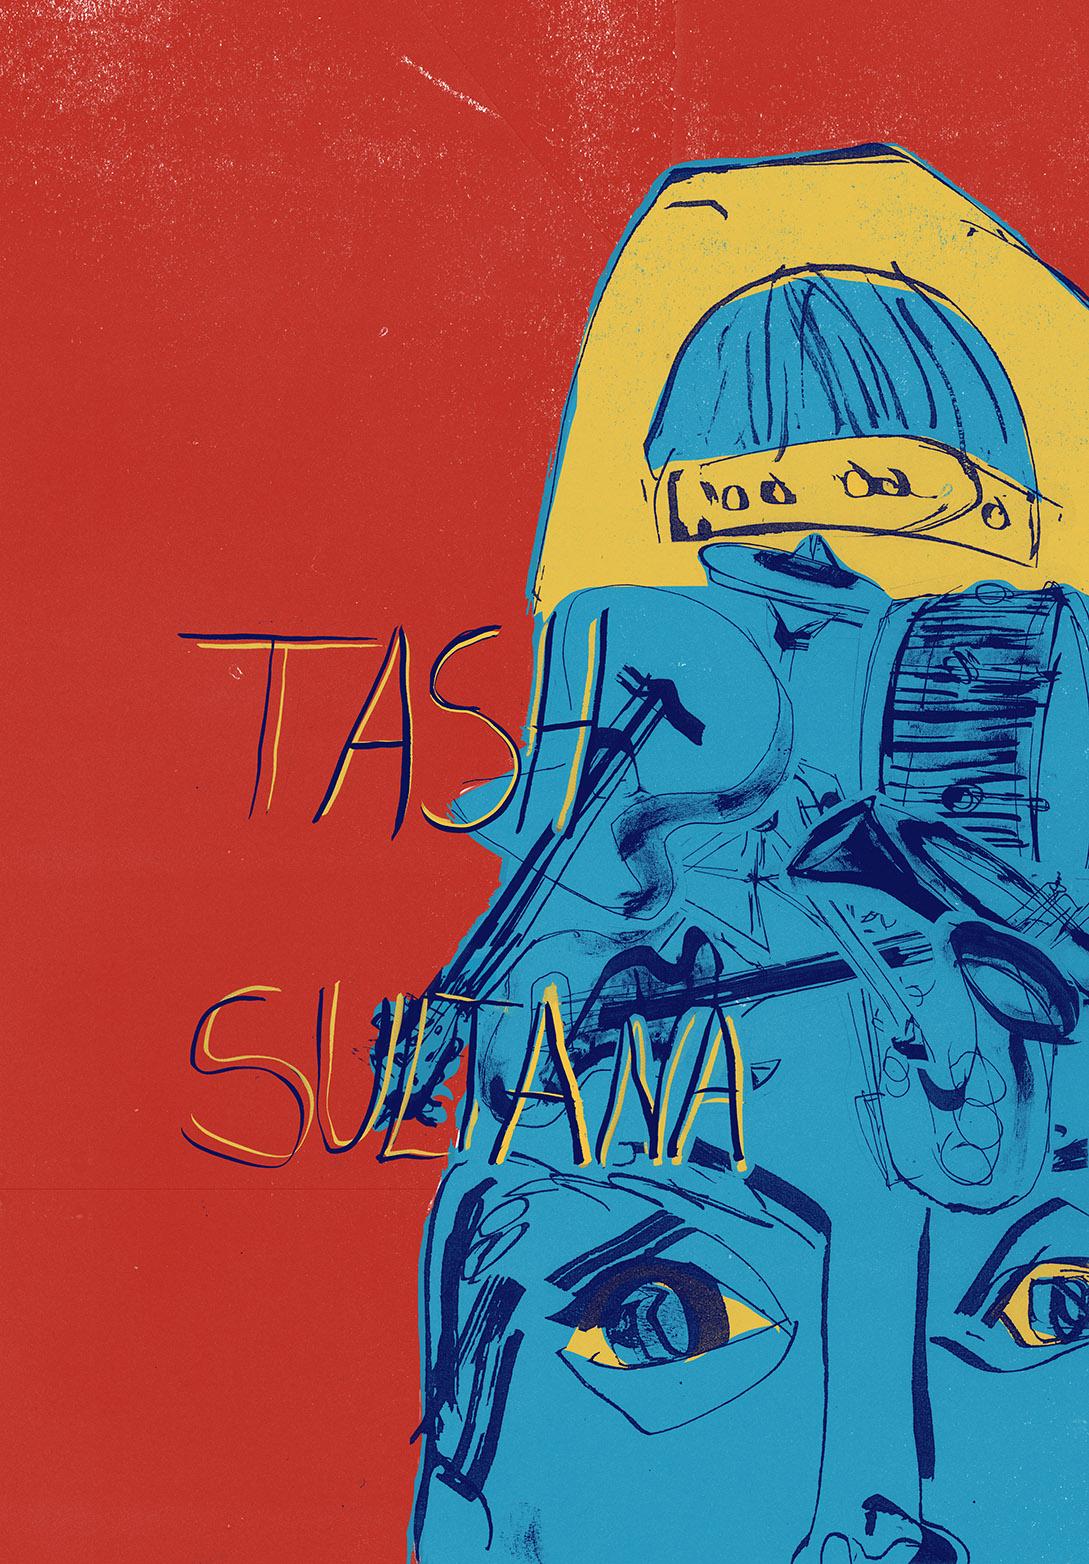 tash sultana music poster.jpg